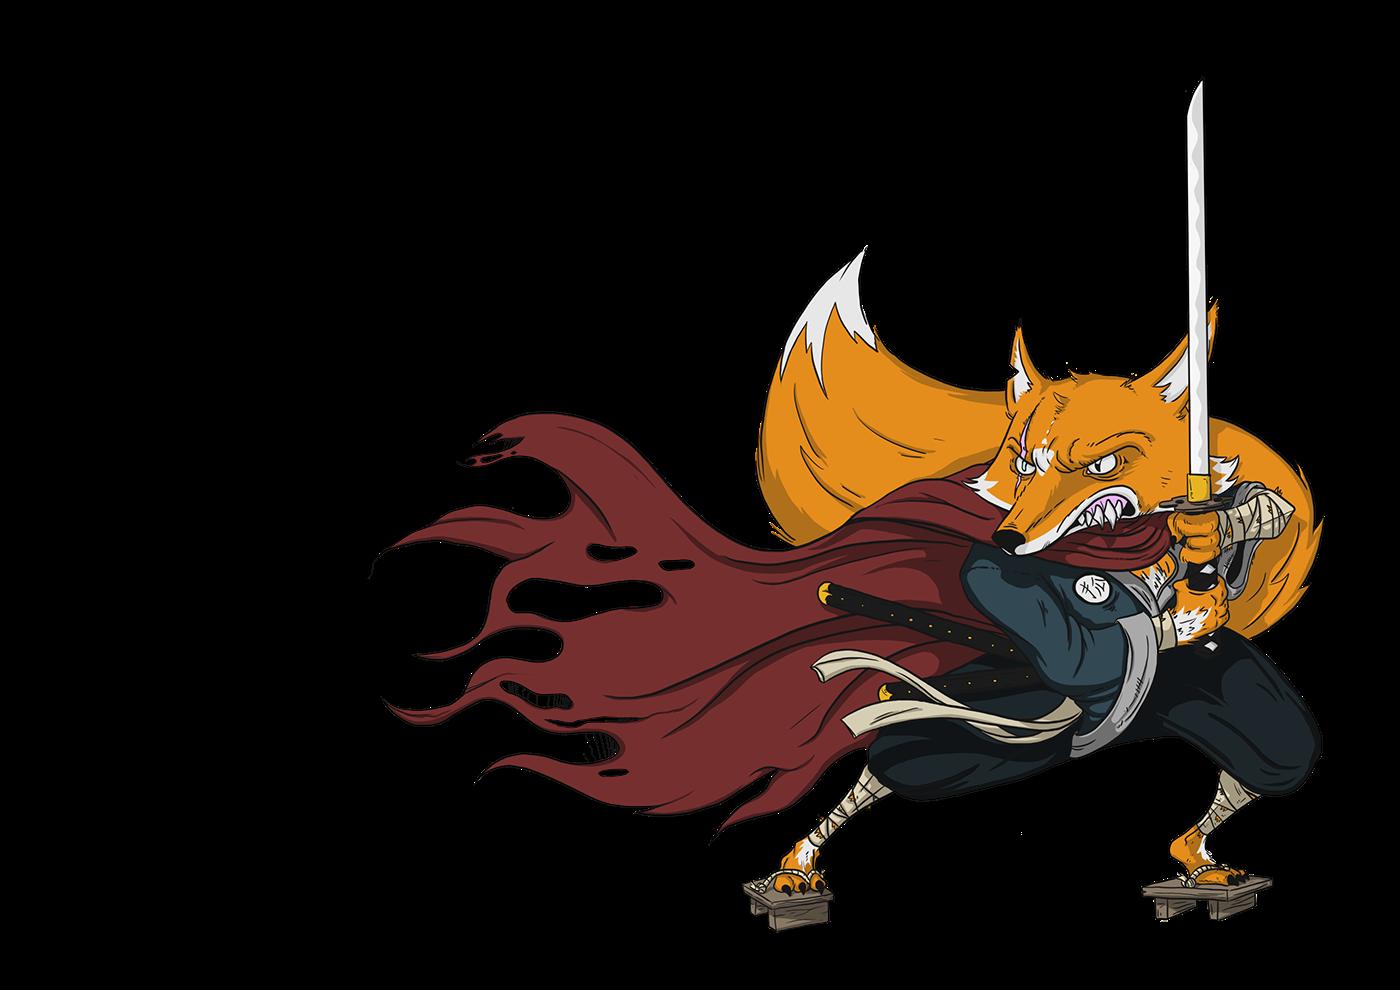 ILLUSTRATION  FOX ronin japanese 2D snow mountain katana